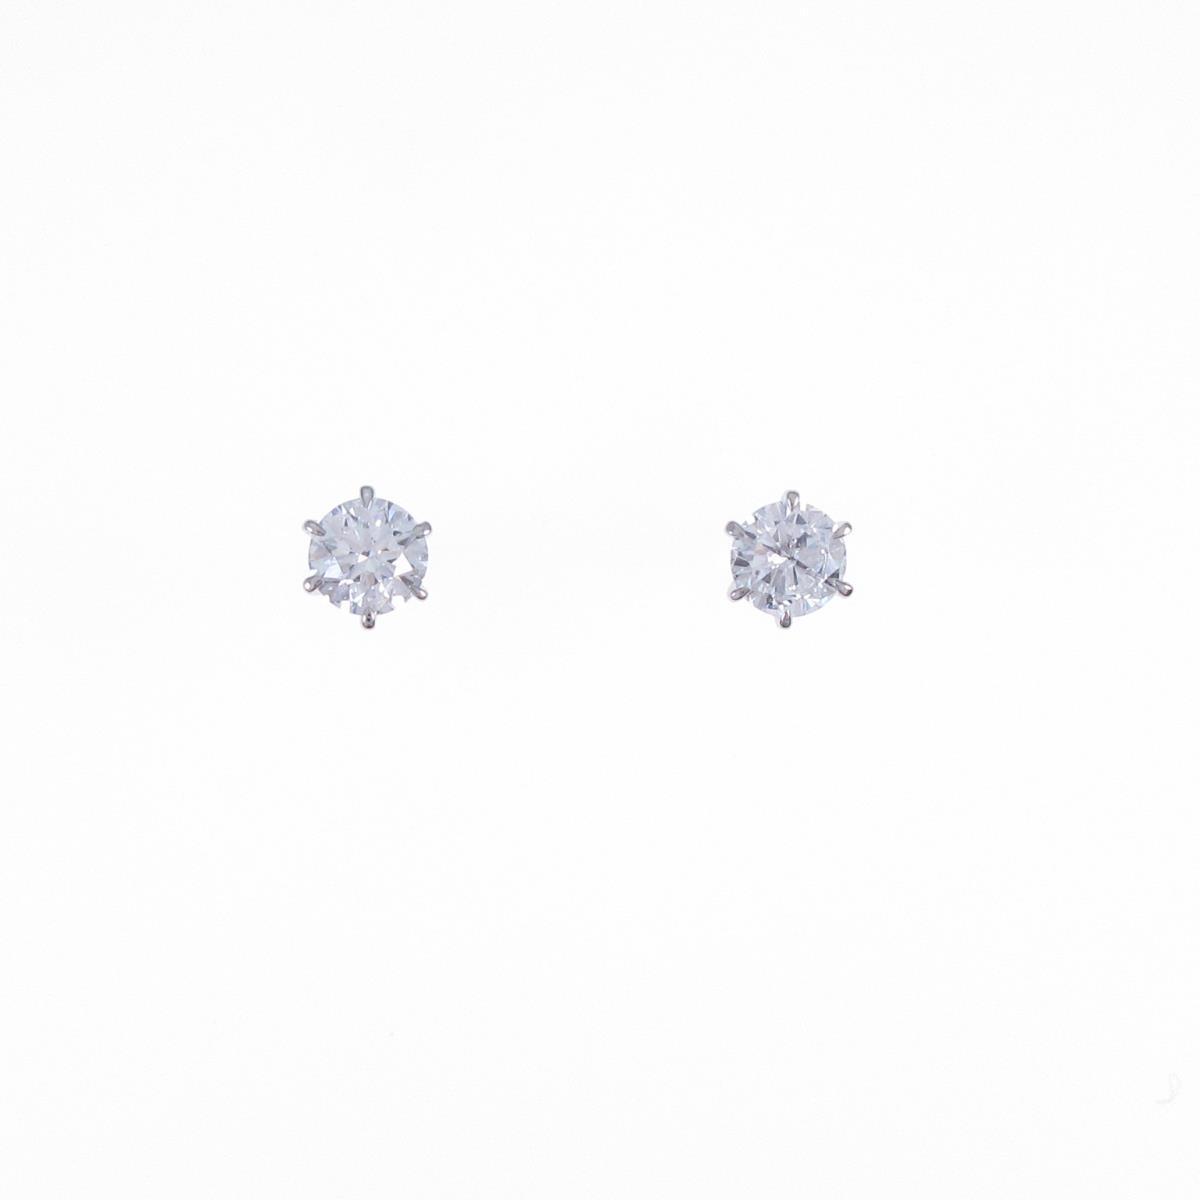 【リメイク】プラチナダイヤモンドピアス 0.215ct・0.222ct・D・SI2・VG-GOOD【中古】